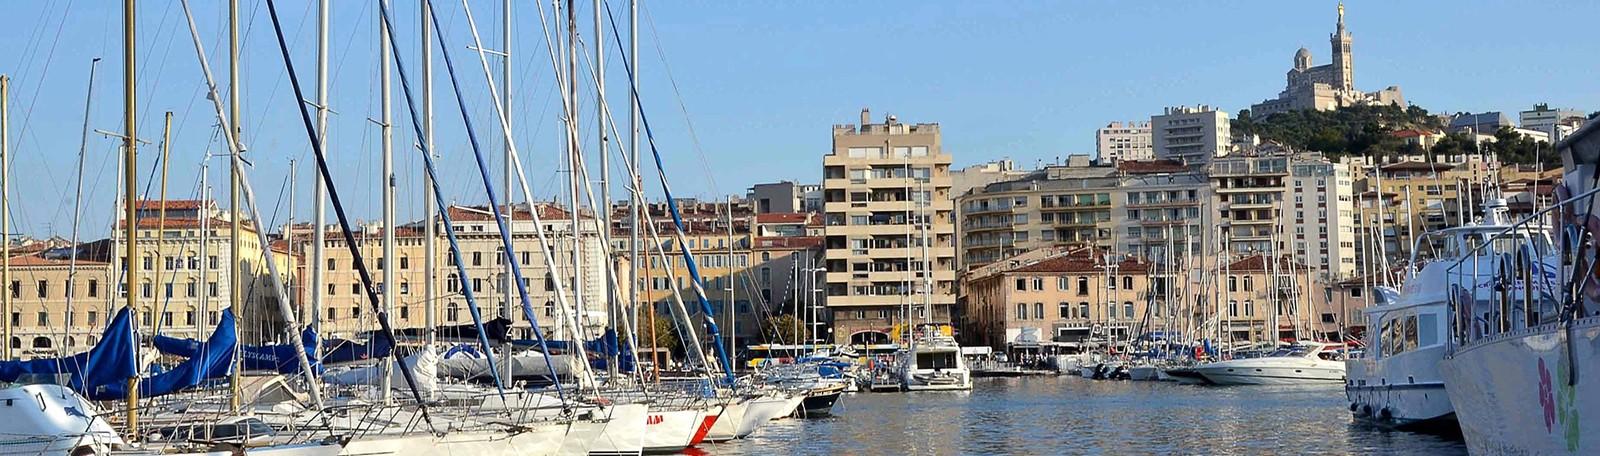 Parking Corderie - Parkeren in Marseille | Q-Park